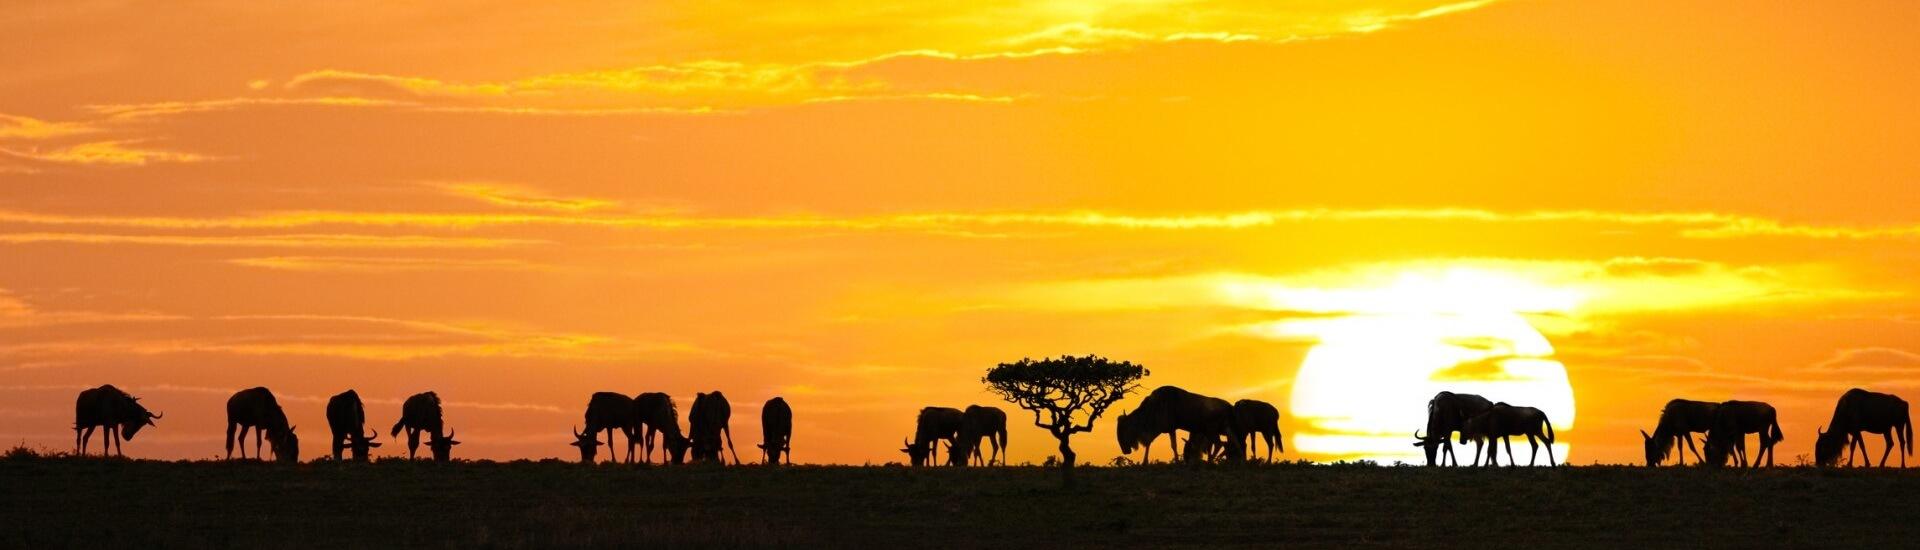 Nyika Discovery - Tanzania treks and tours - What to do